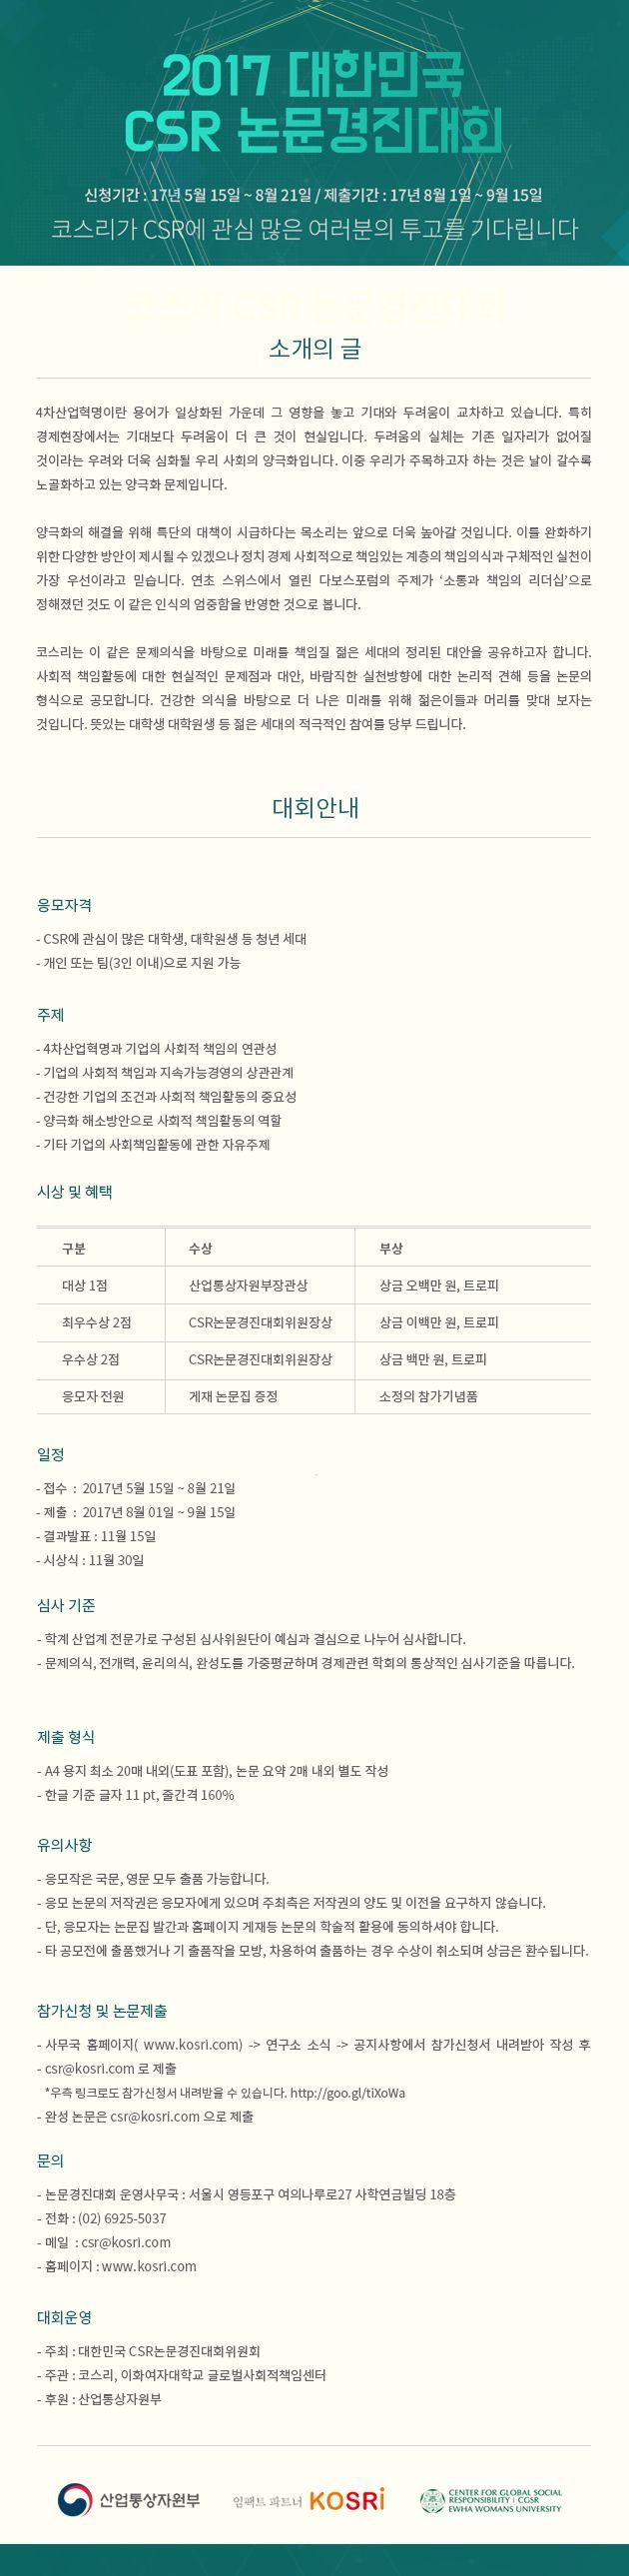 코스리 대한민국 CSR 논문경진대회 개최